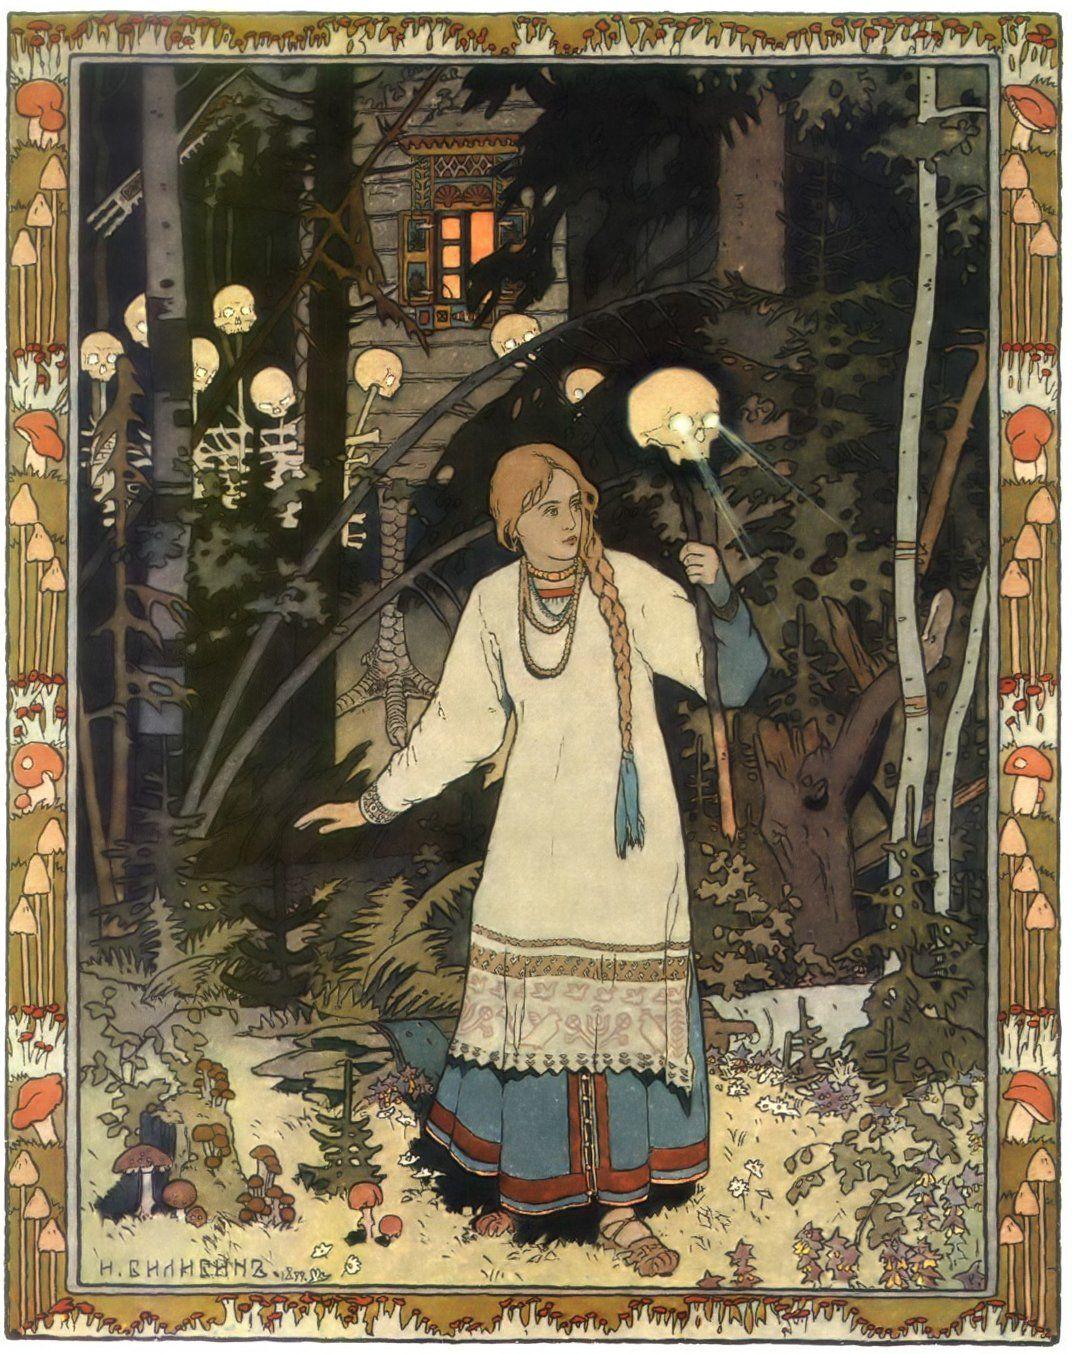 Castaño de Indias: Iván Yakovlevitch Bilibine, el gran ilustrador de cuentos rusos.